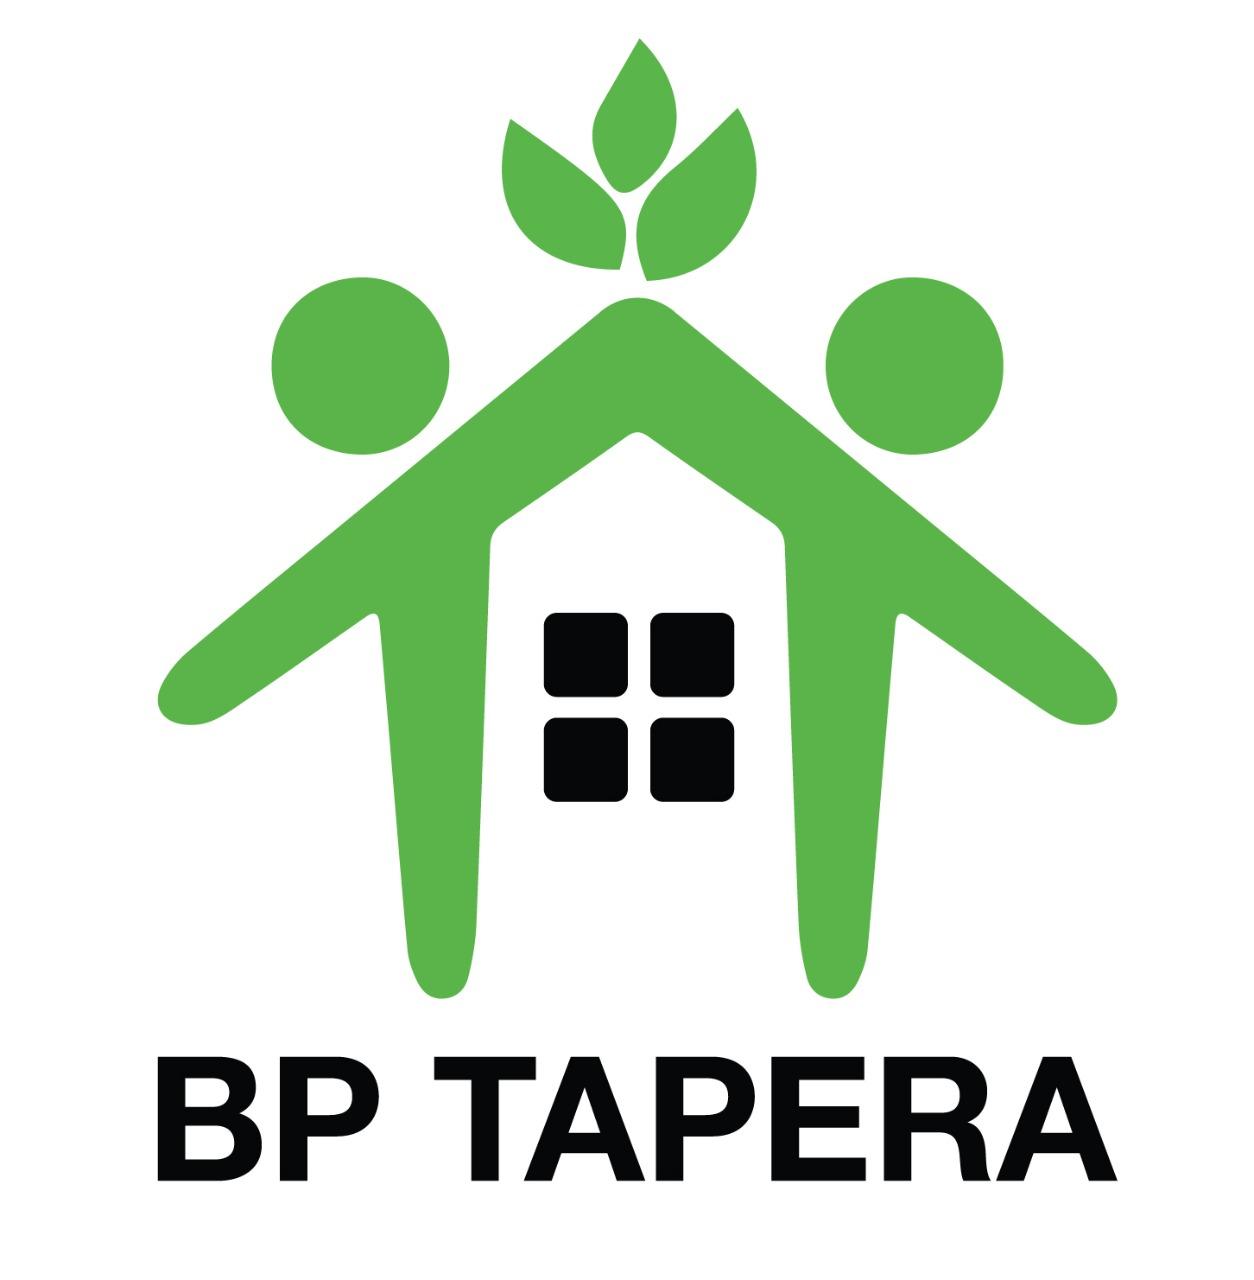 BP TAPERA